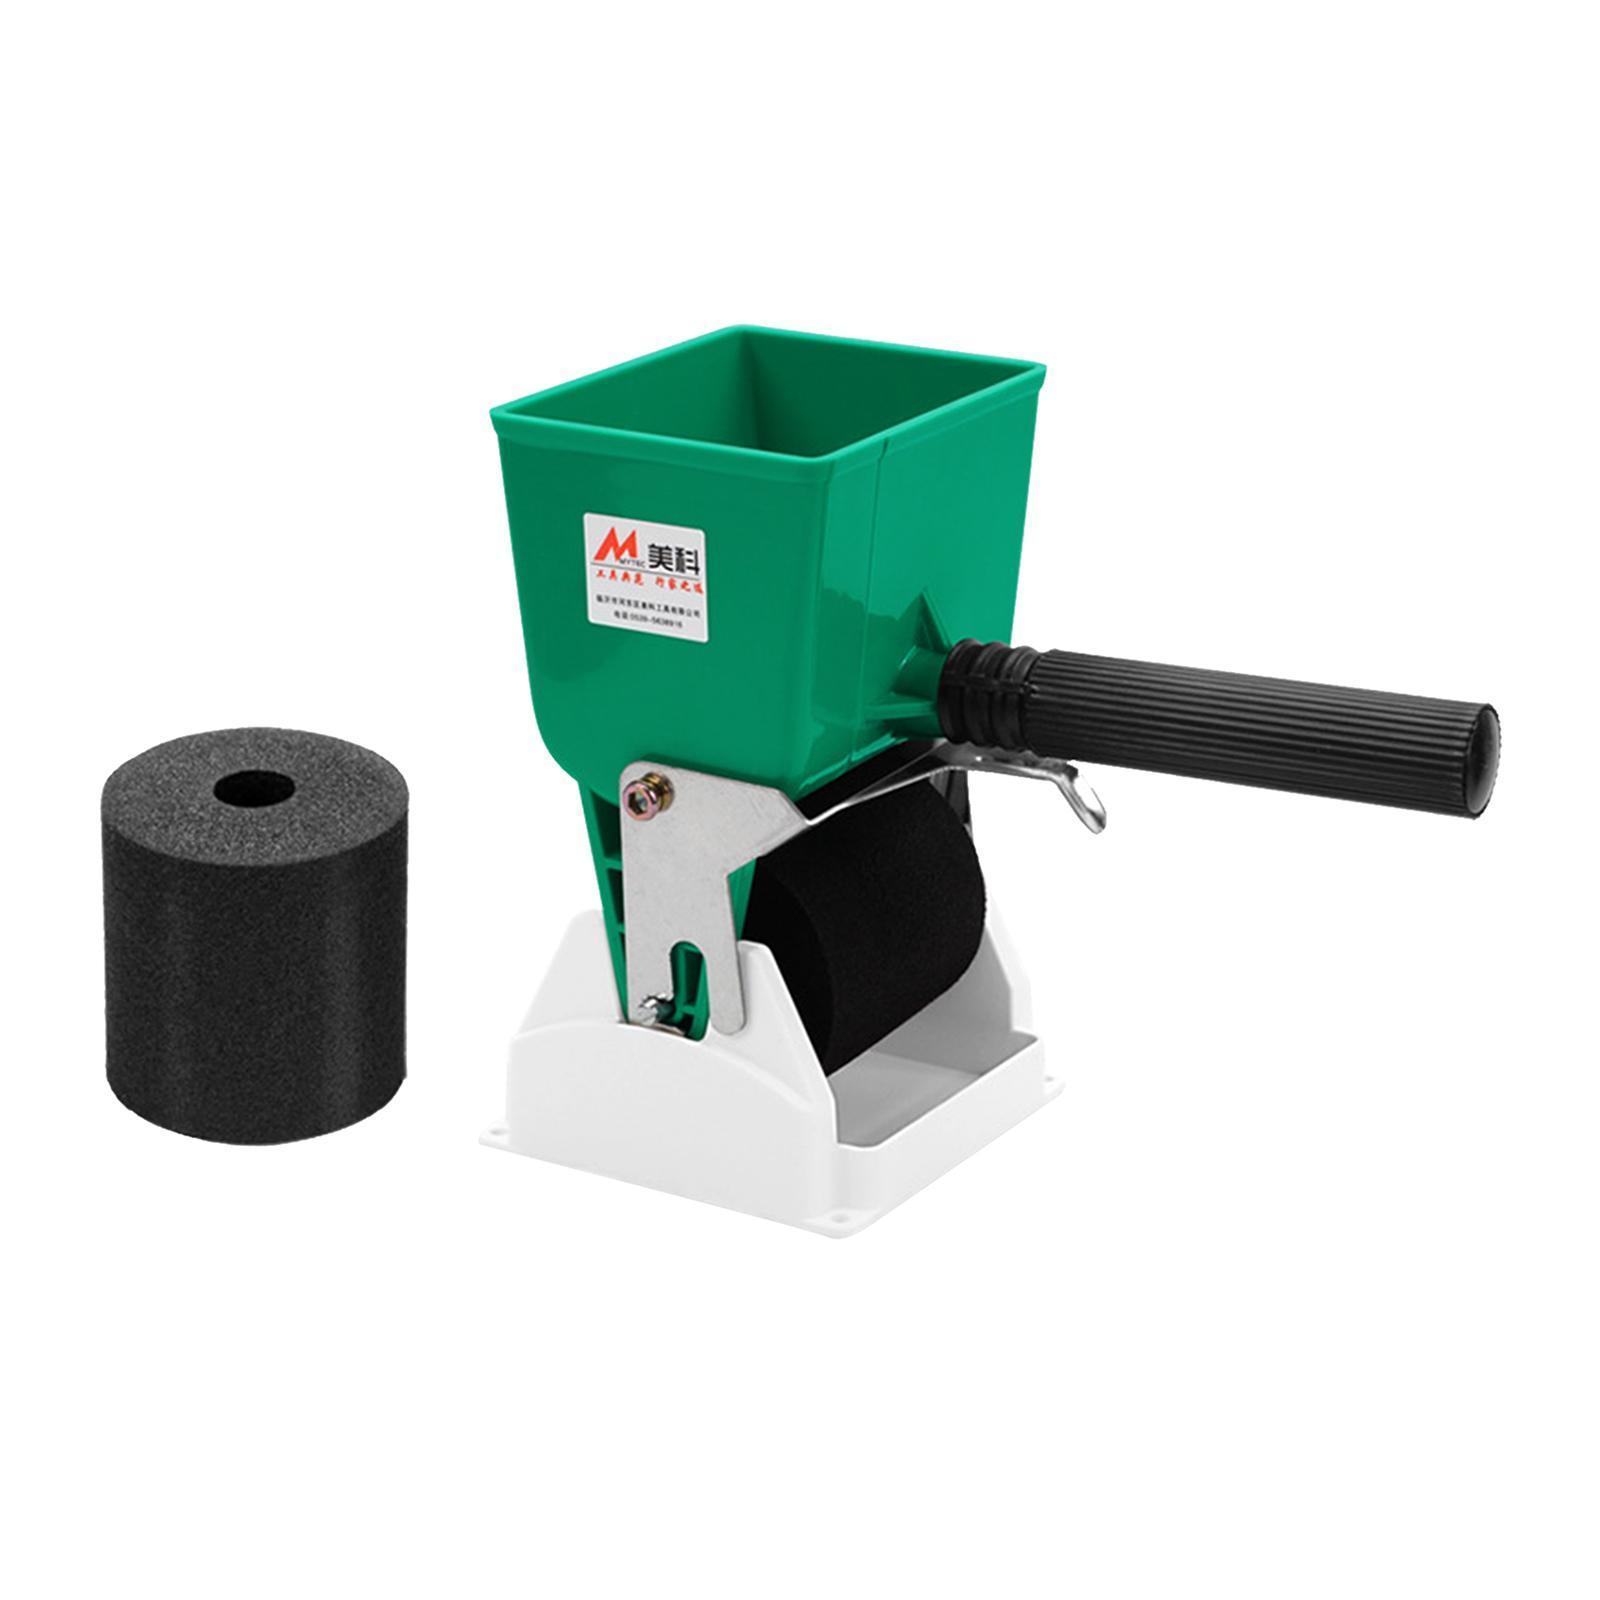 miniatura 18 - 180mL/320mL Portatile Colla Applicatore Rullo Professionale Rivestito Colla